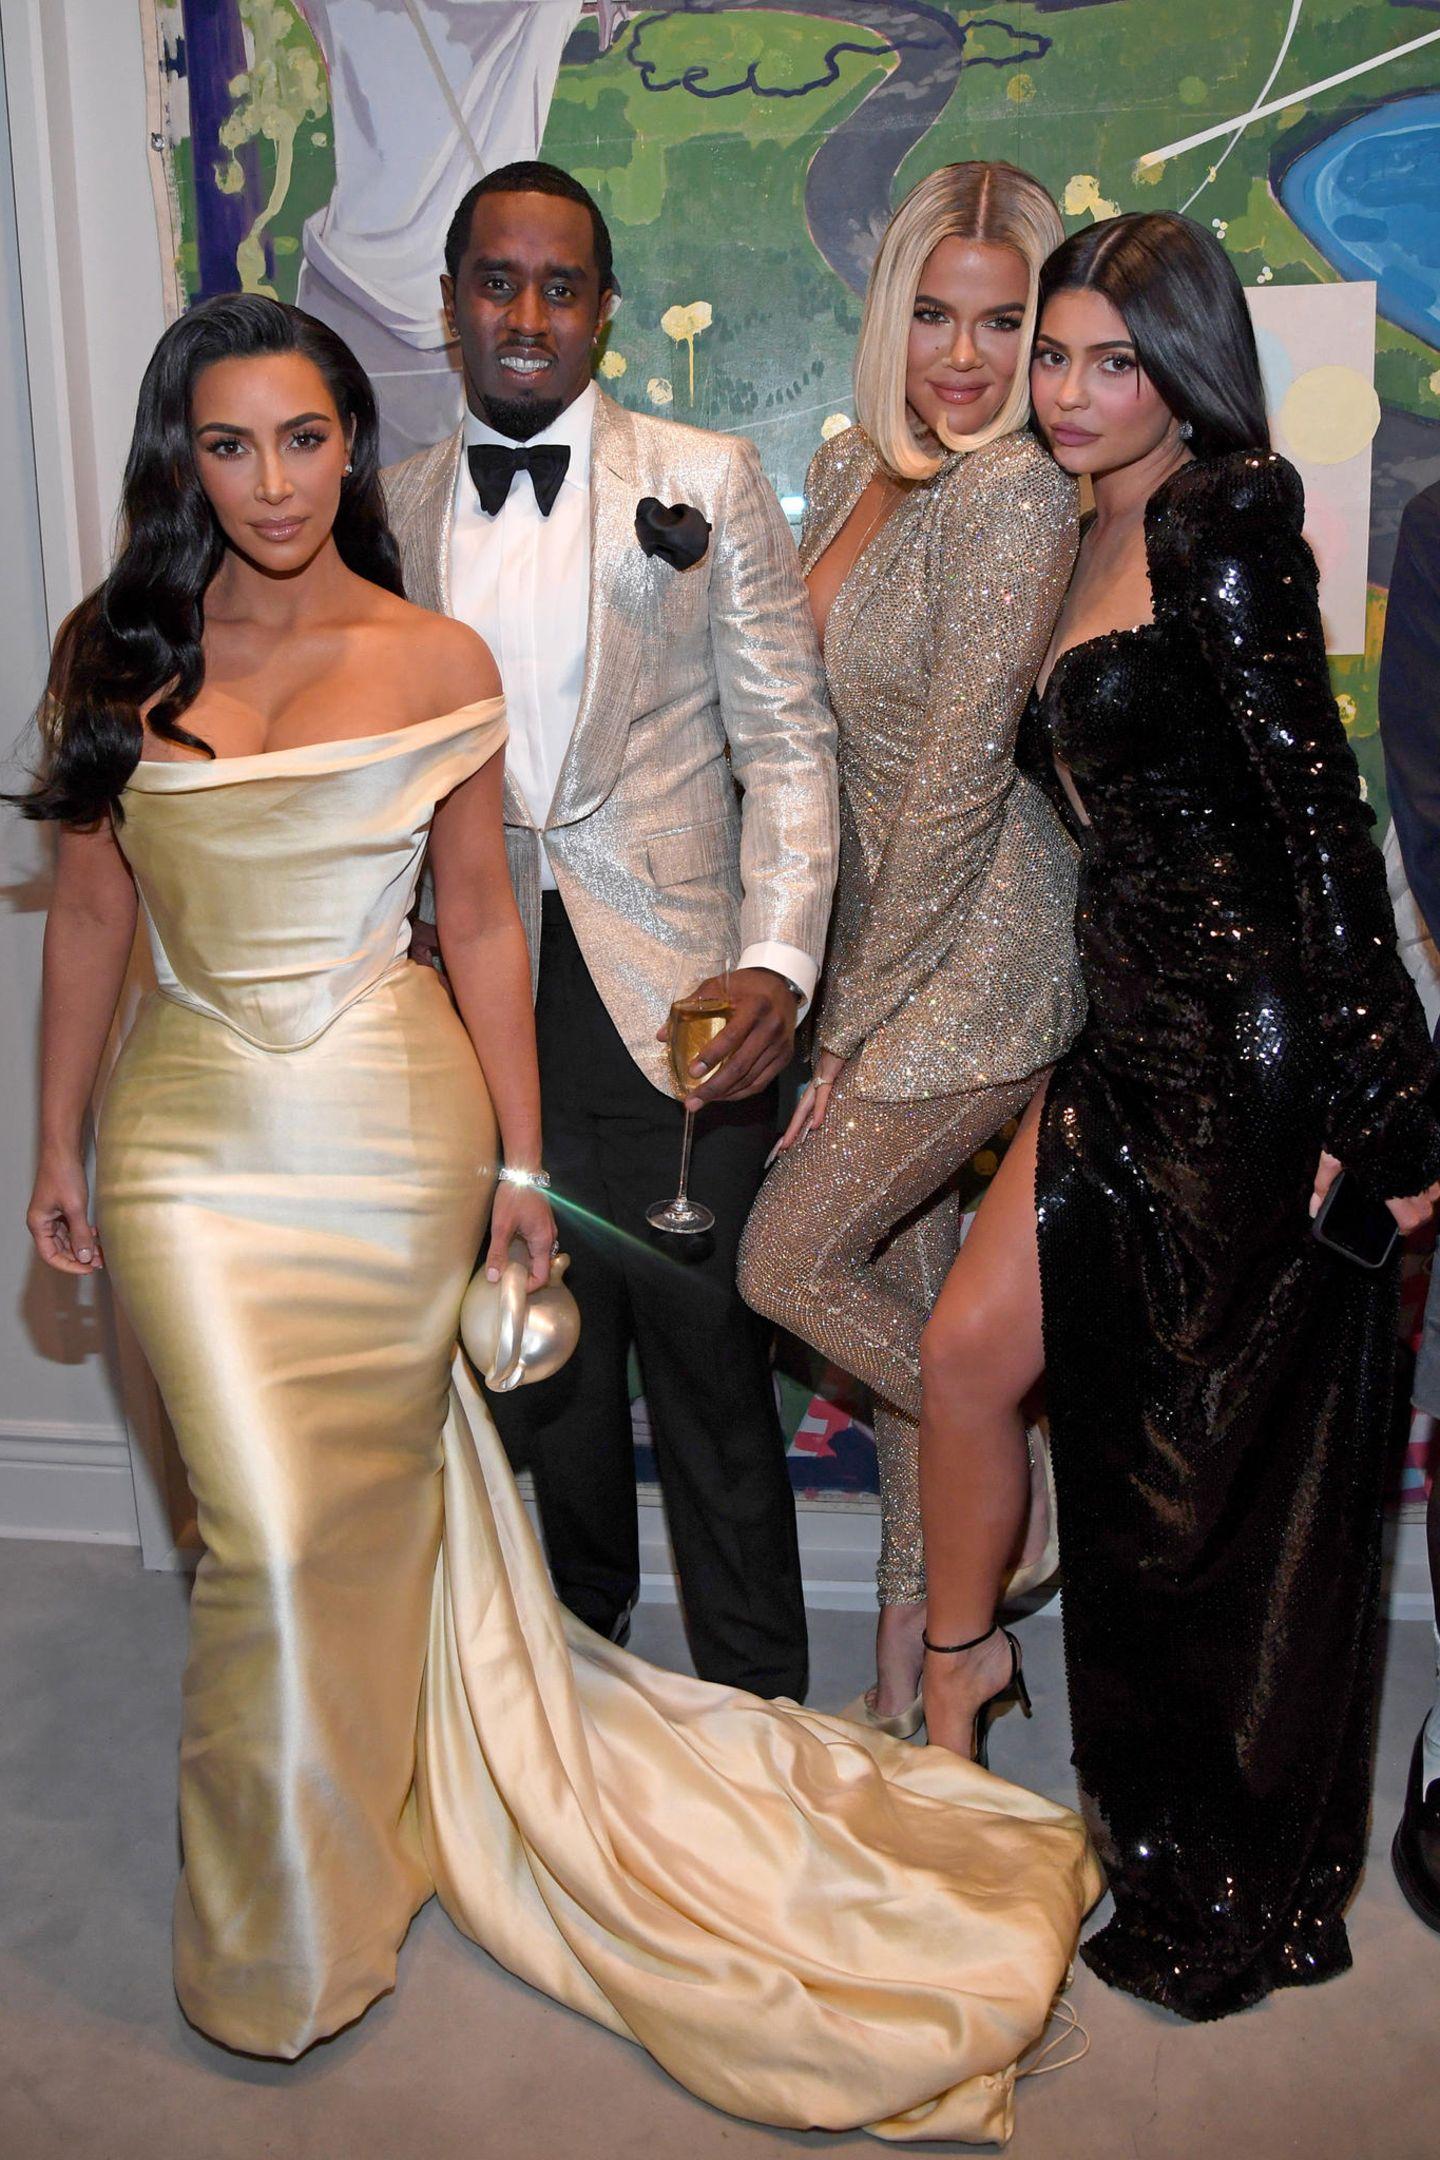 Zu den hochkarätigen Promi-Gästen von P. Diddy zählten natürlich auch Kim und KhloéKardashian, die mit ihrer kleinen Schwester Kylie Jenner für ein Bild posierten. Oftmals lag Kim Kardashianmit ihren auffälligen Outfits in der Kritik, am Wochenende sorgte sie aber für einen absoluten Wow-Moment. Bei ihrem golden schimmernden Kleid handelt es sich um ein Vintage-Kleid derVivienne WestwoodBraut-Kleider-Linie von 1999, dass sie elegant zur Hollywood-Welle mit Seitenscheitel kombinierte.